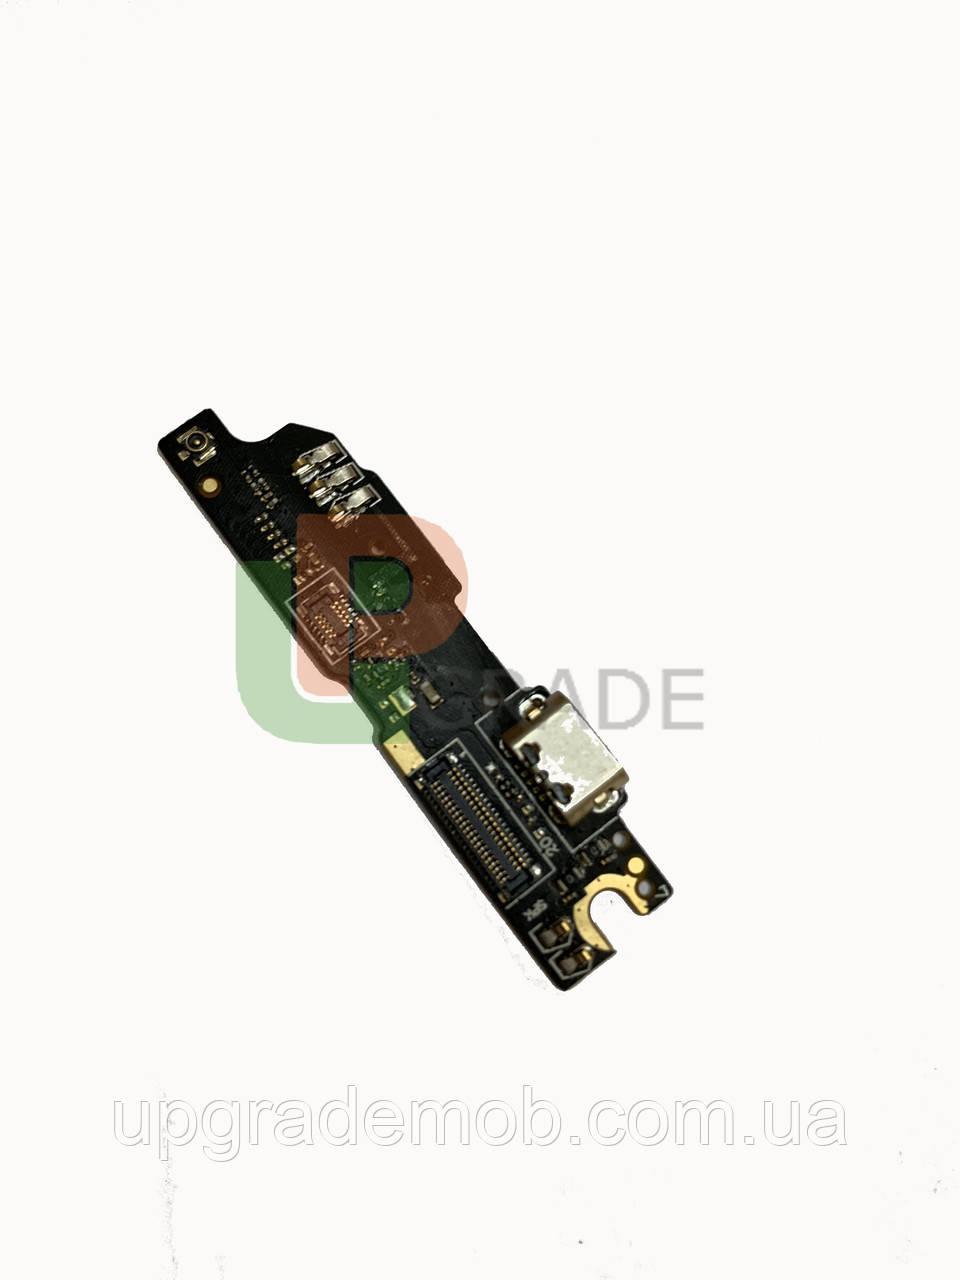 Шлейф Meizu M3 Note L681H, з роз'ємом зарядки, з мікрофоном, плата зарядки, з кнопкою меню, версія:3.0